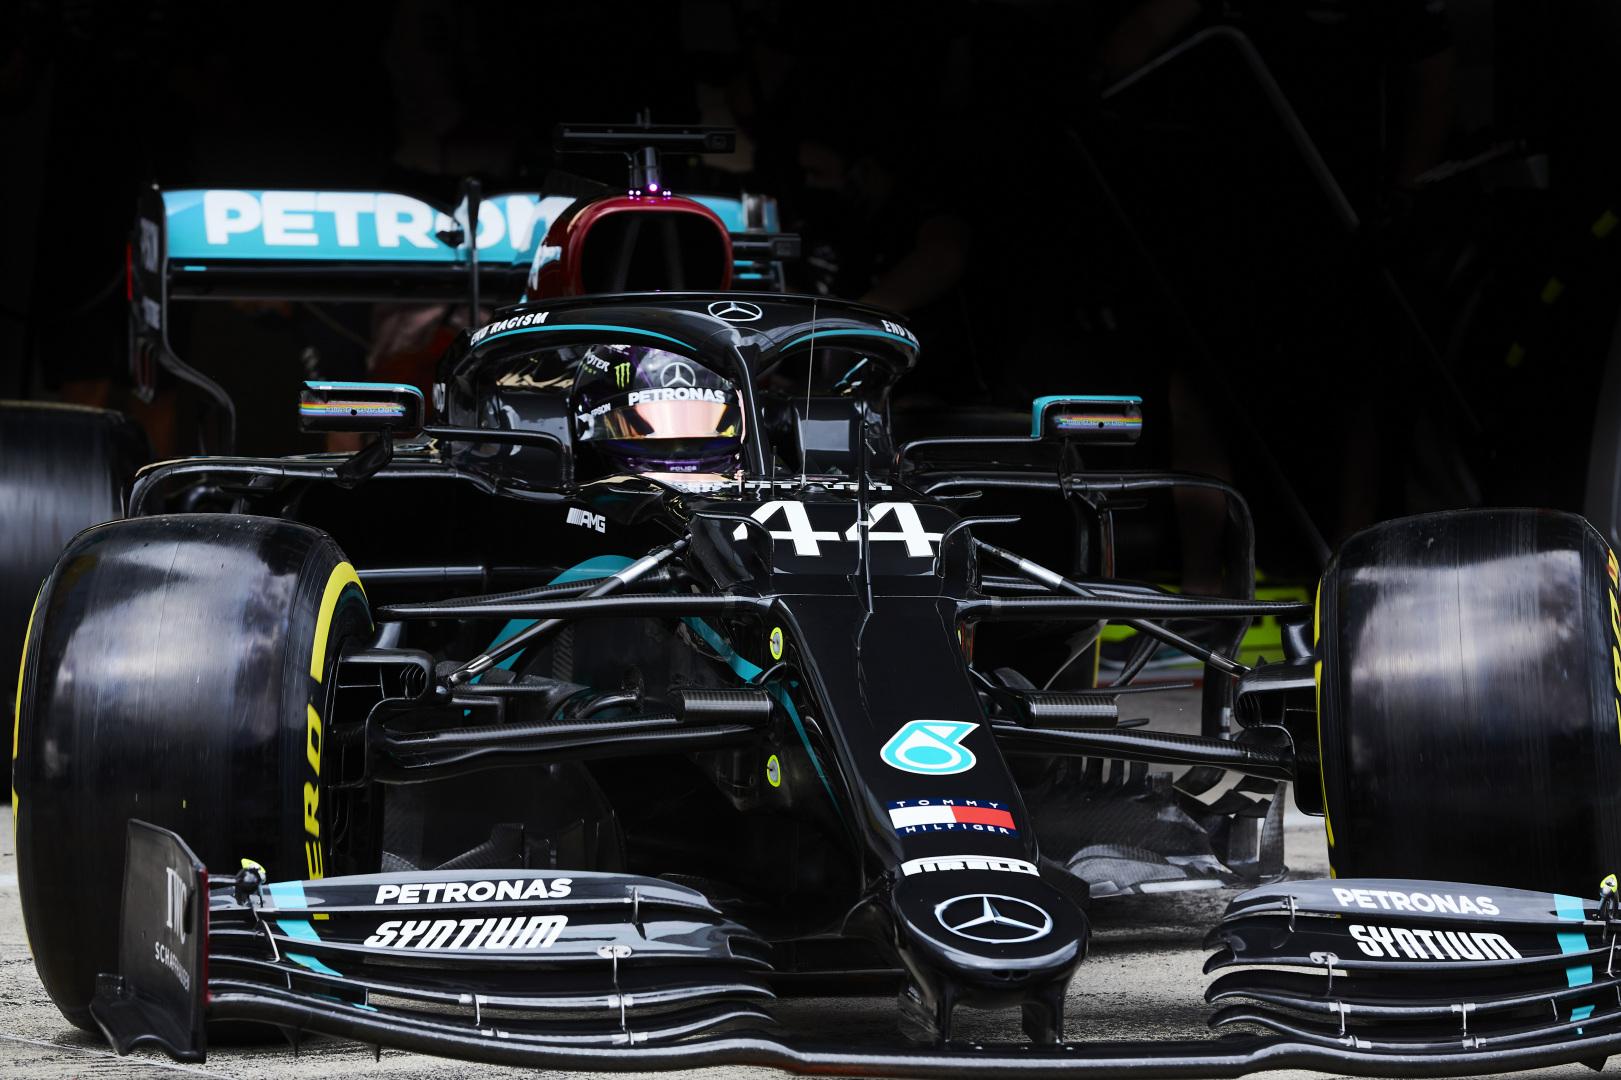 Szabályos-e a Mercedes trükkje, vagy sem? Döntött az FIA!